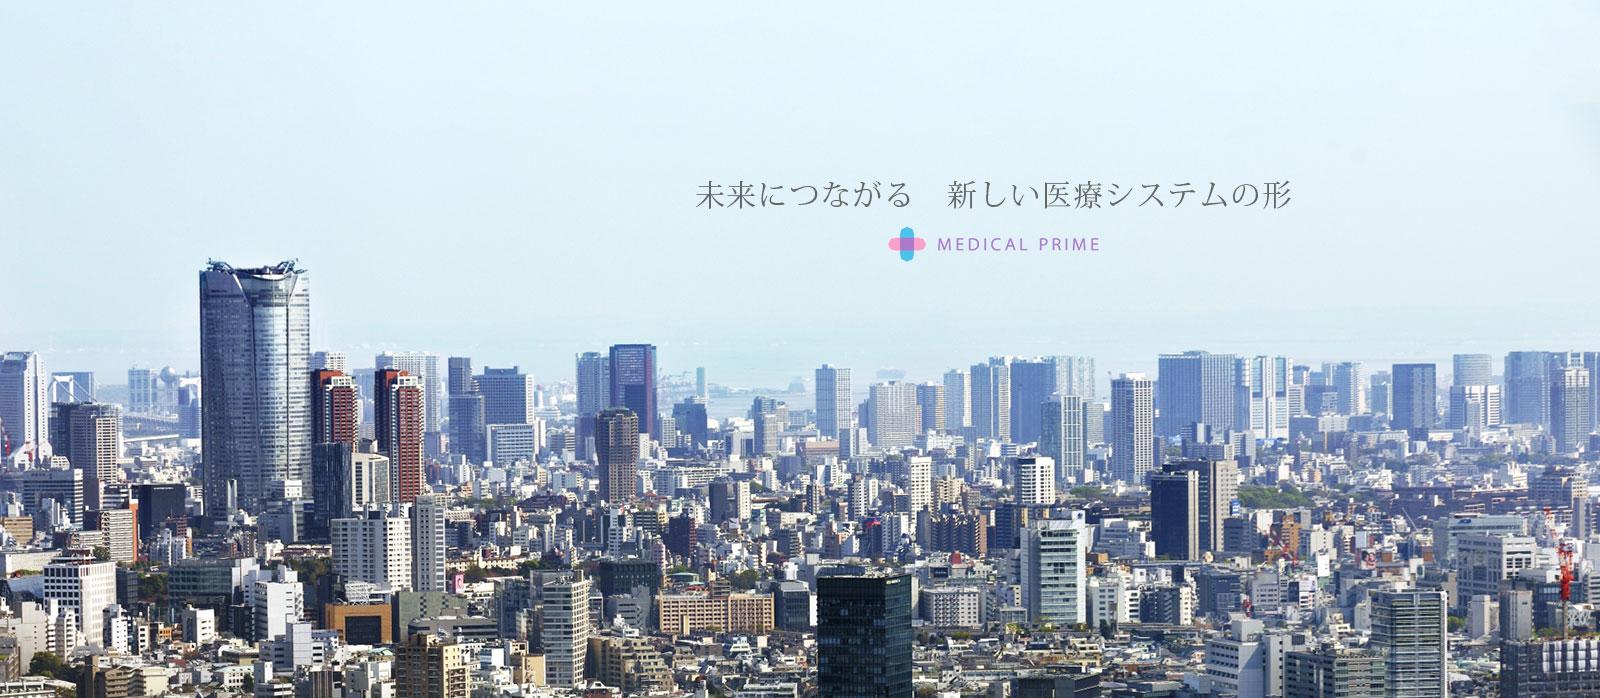 未来につながる、新しい医療システムの形。MEDICAL PRIME